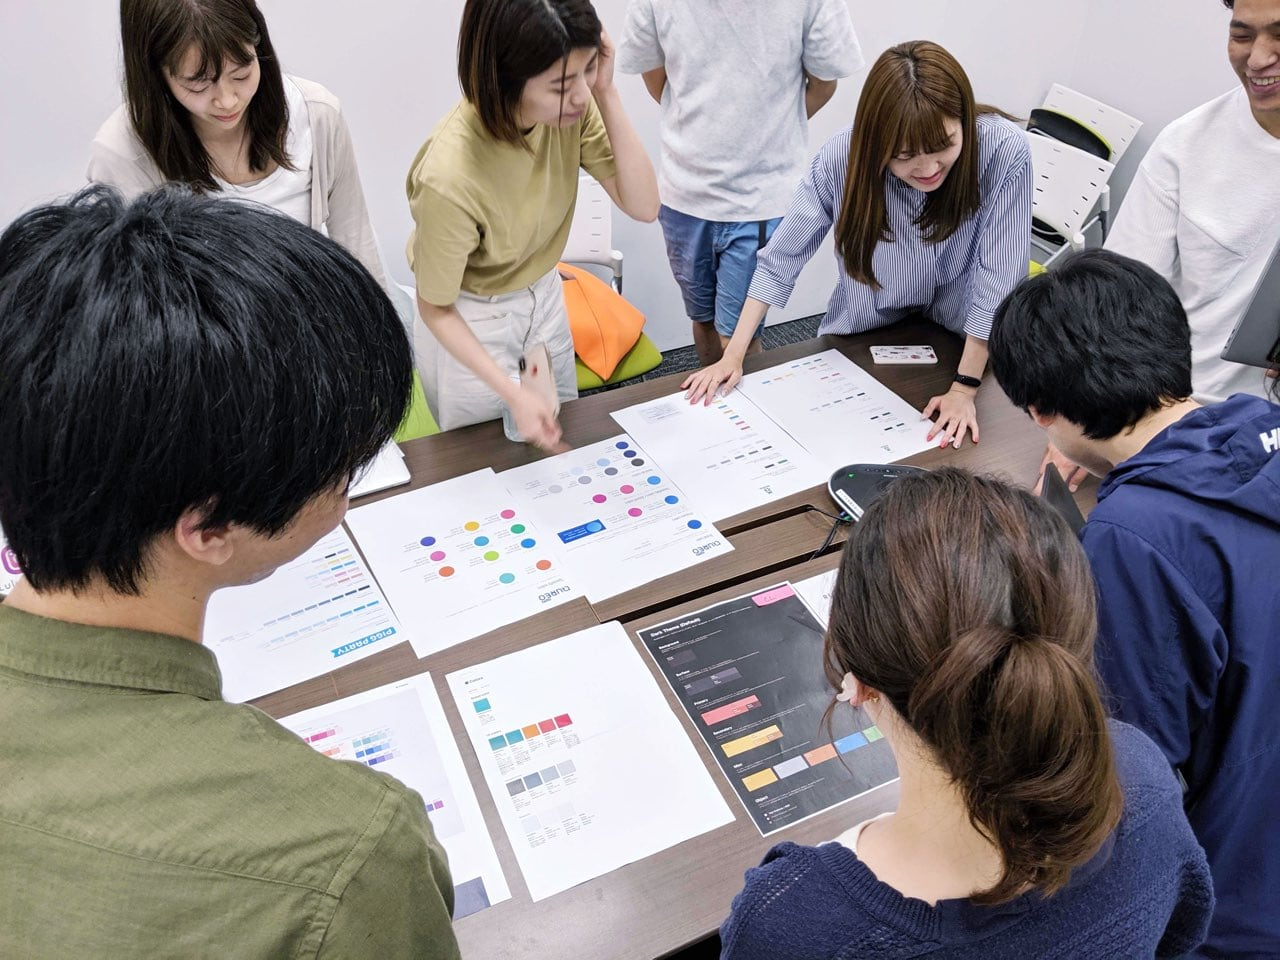 デザイナーのみんなでカラーパレットについて議論している写真